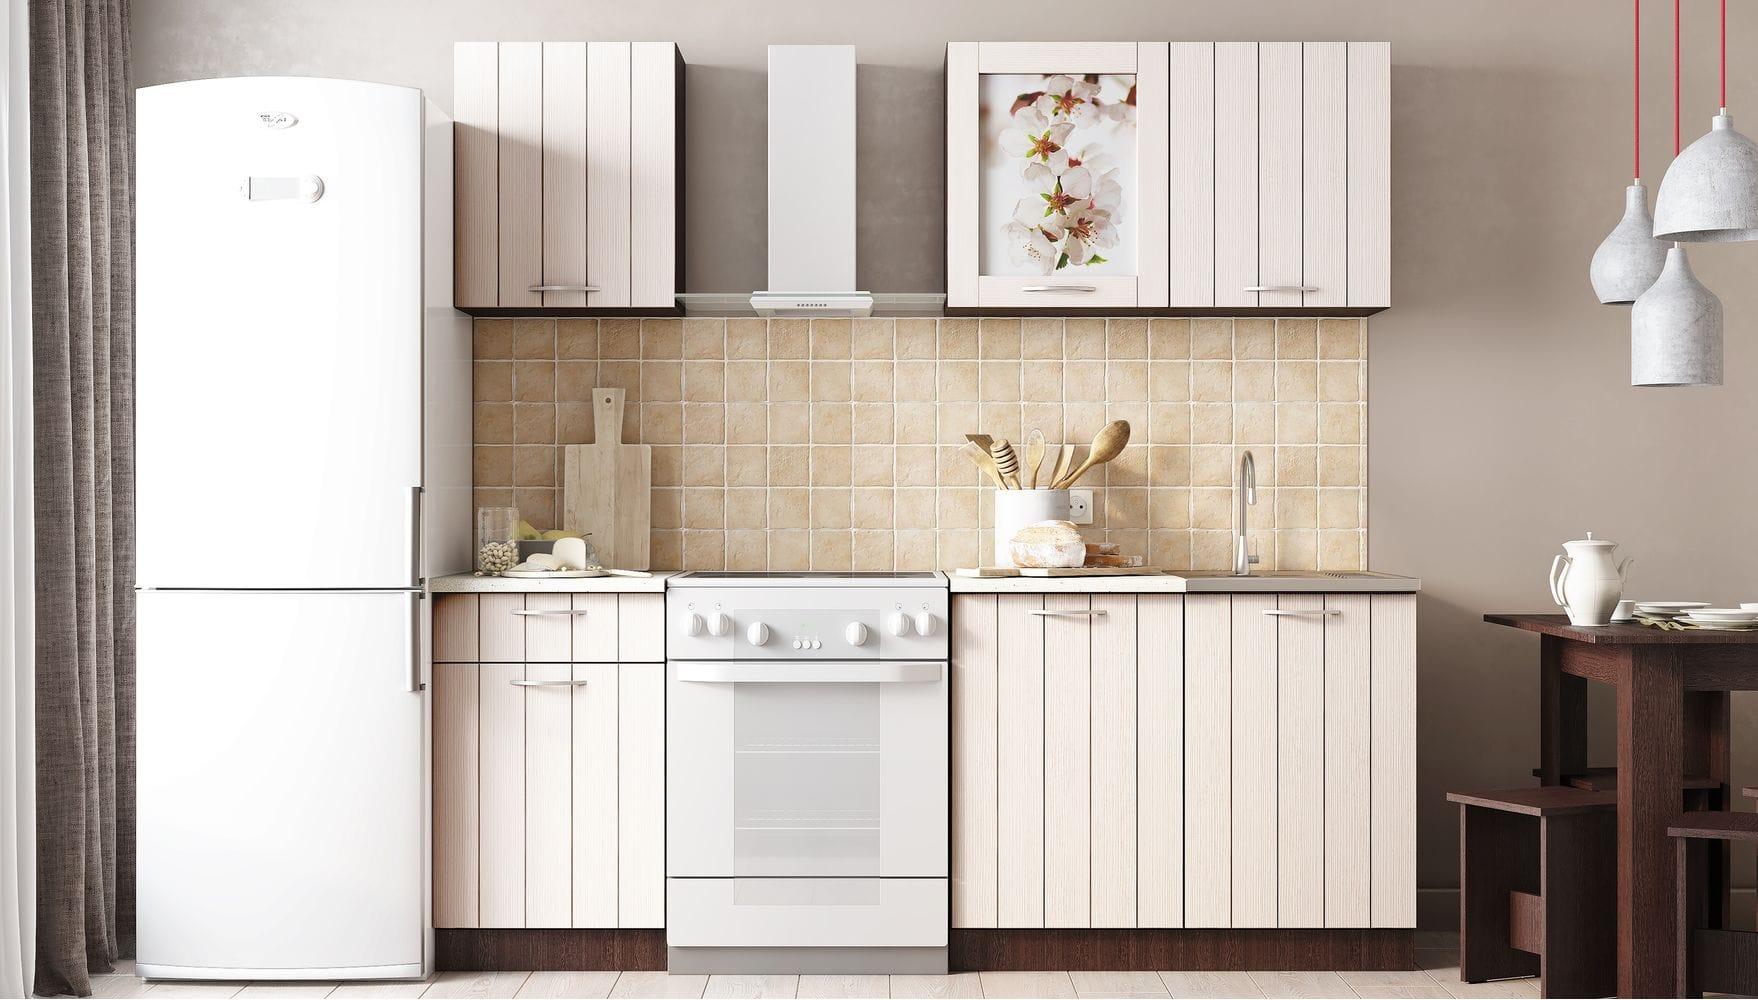 Кухонный гарнитур Легенда-16 (1,5) ПВХ